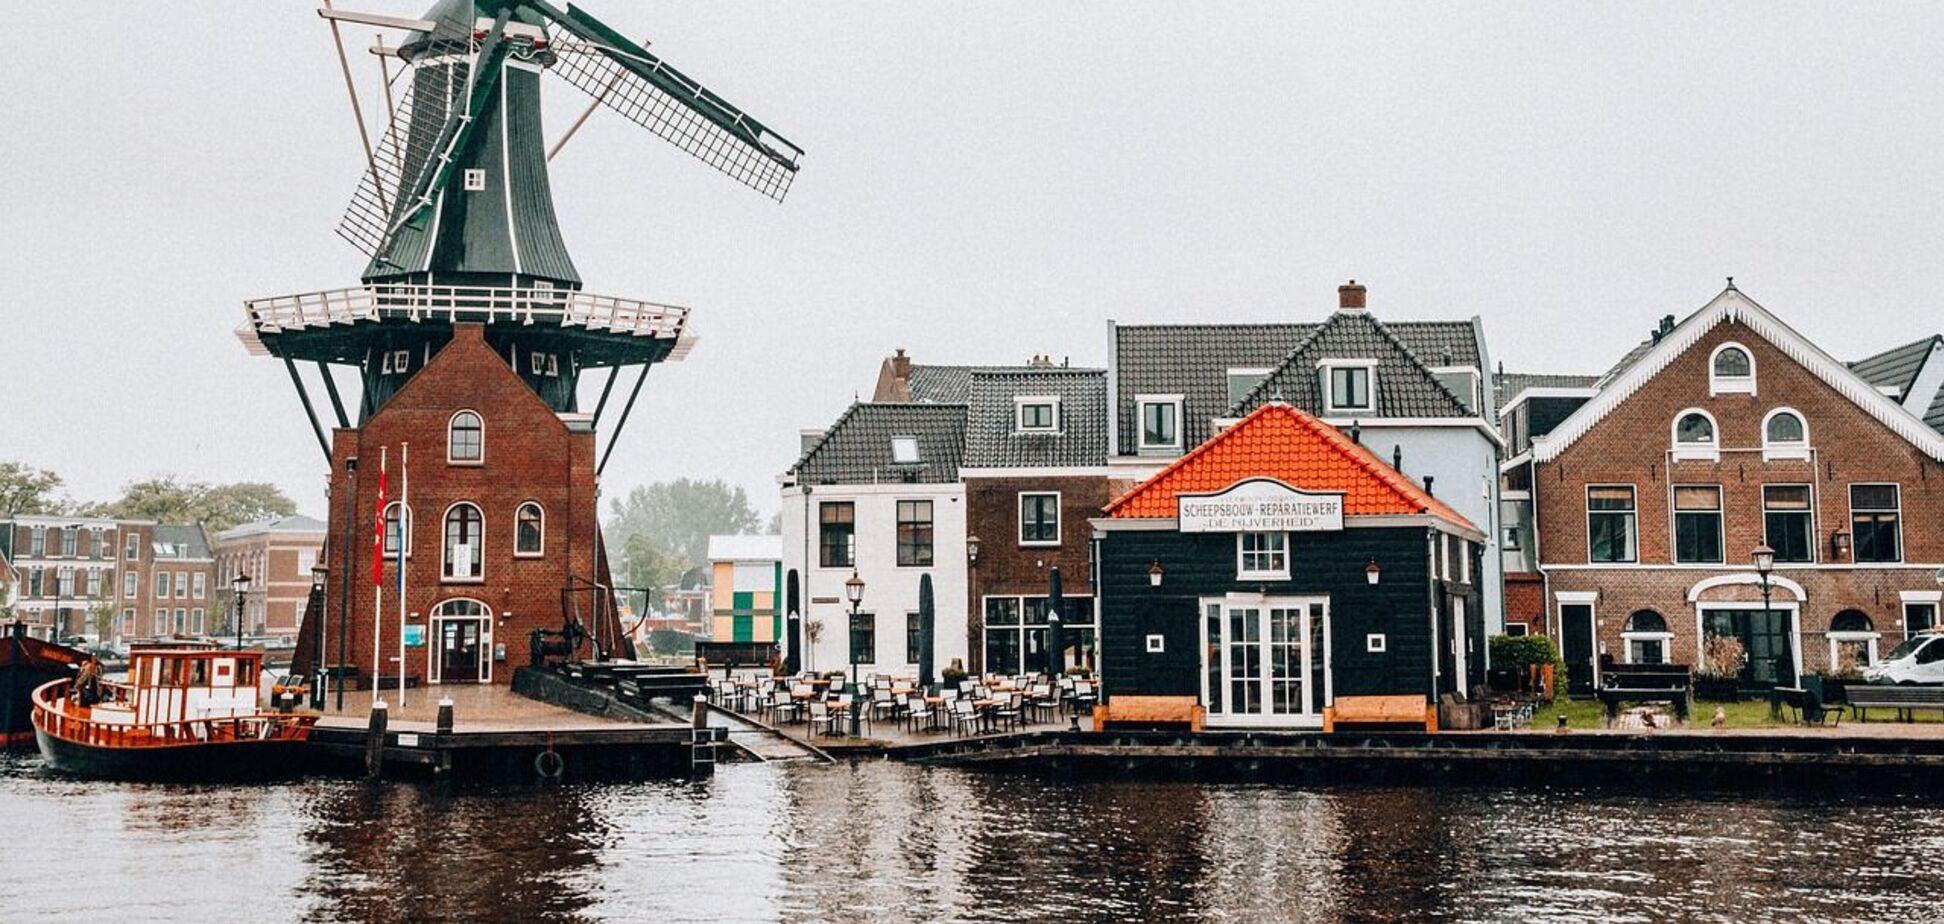 Нидерланды изменили требования по тестам на коронавирус